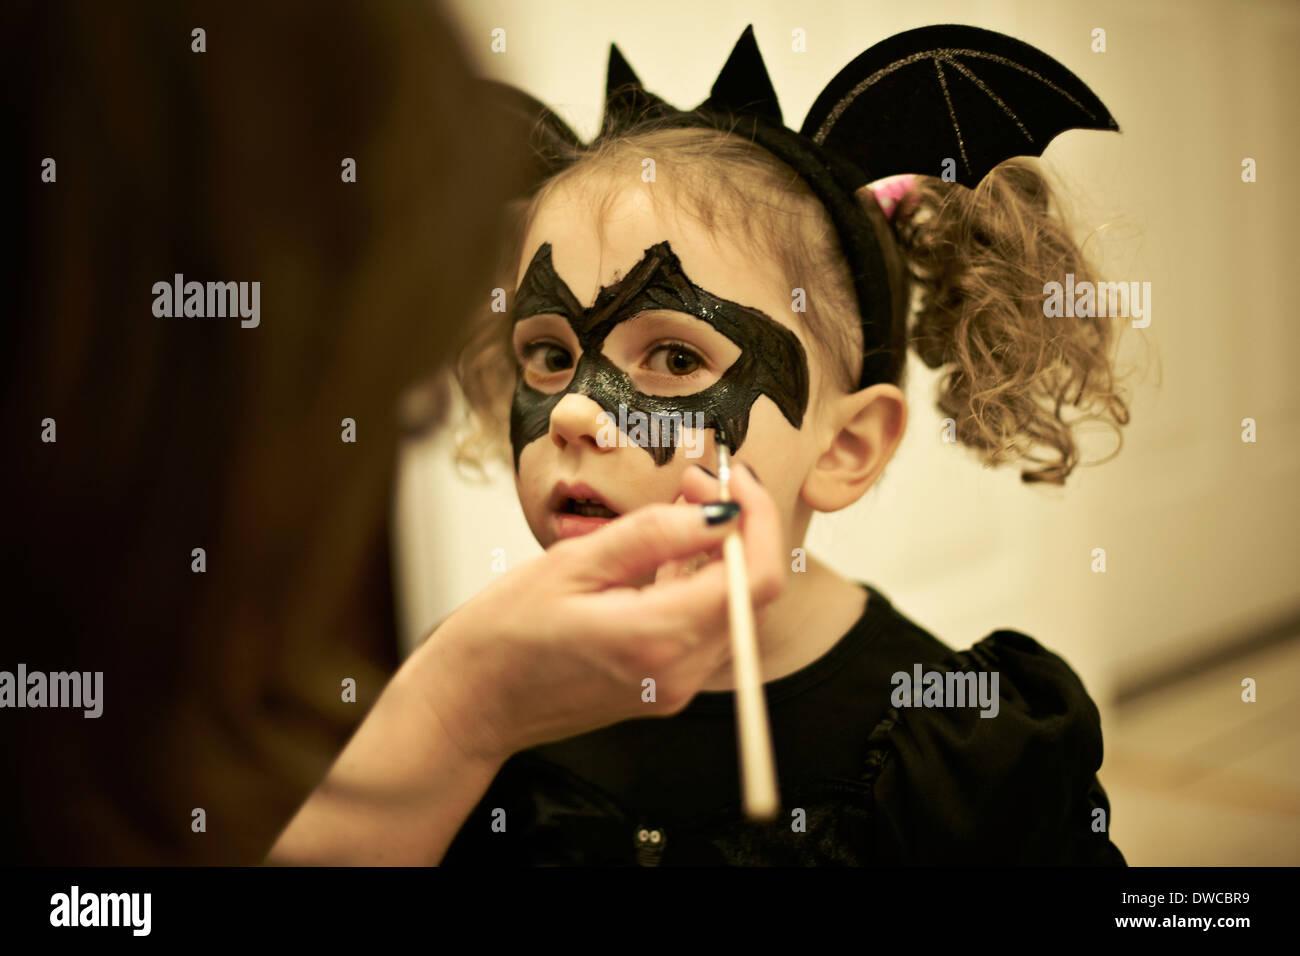 Mutter Malerei Tochter Gesicht Fur Halloween Fledermaus Kostum